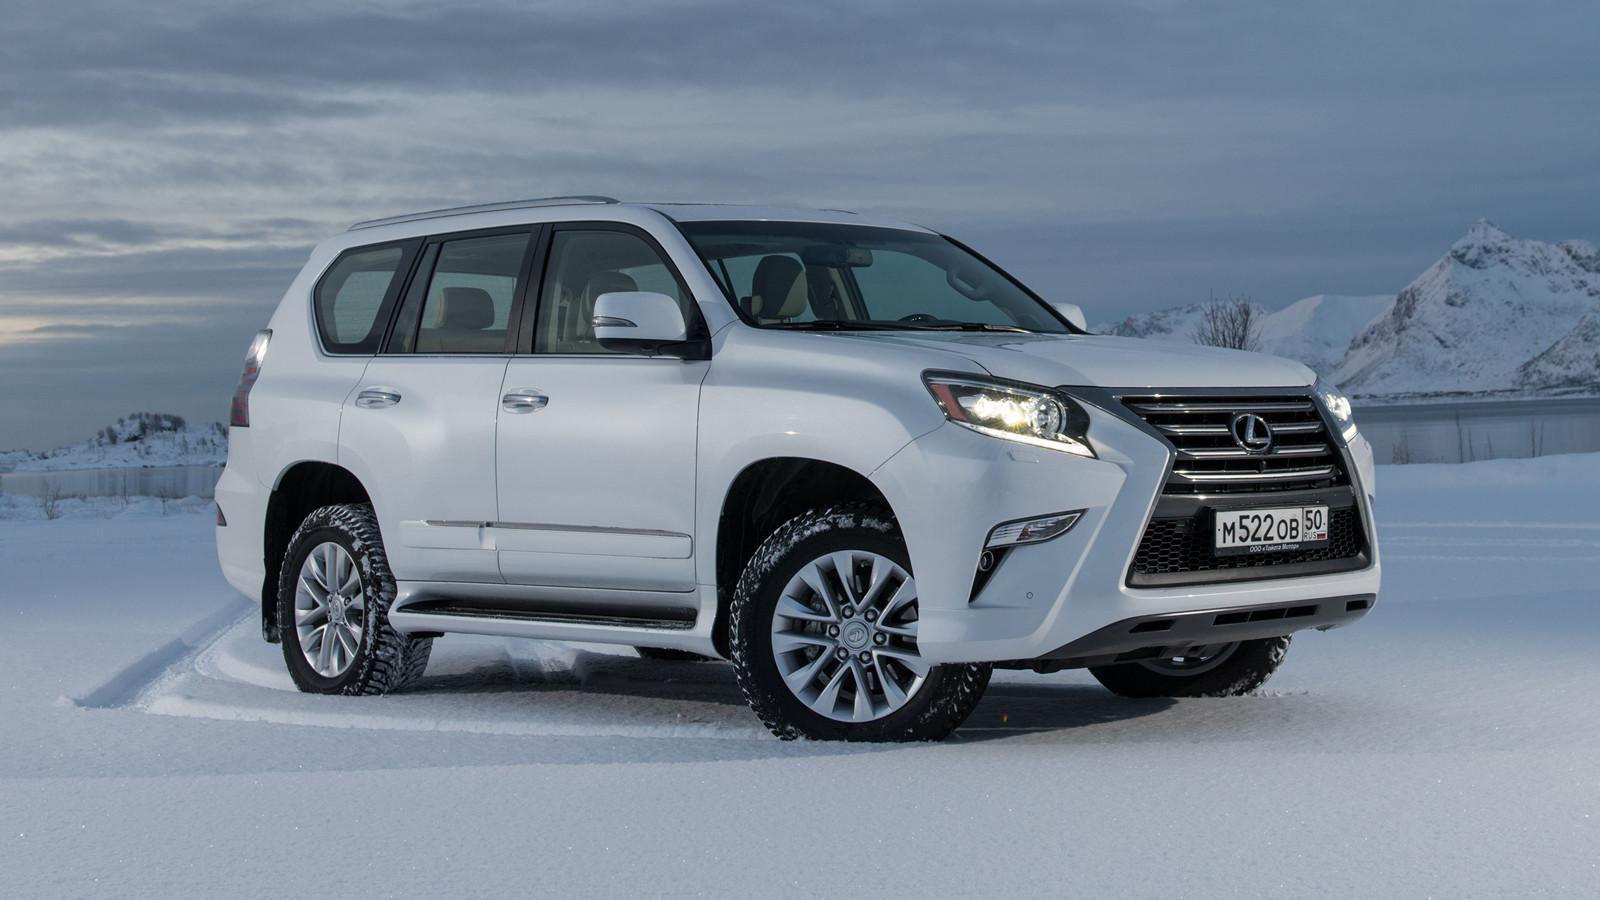 Лексус объявил о превосходных скидках наавтомобили в РФ